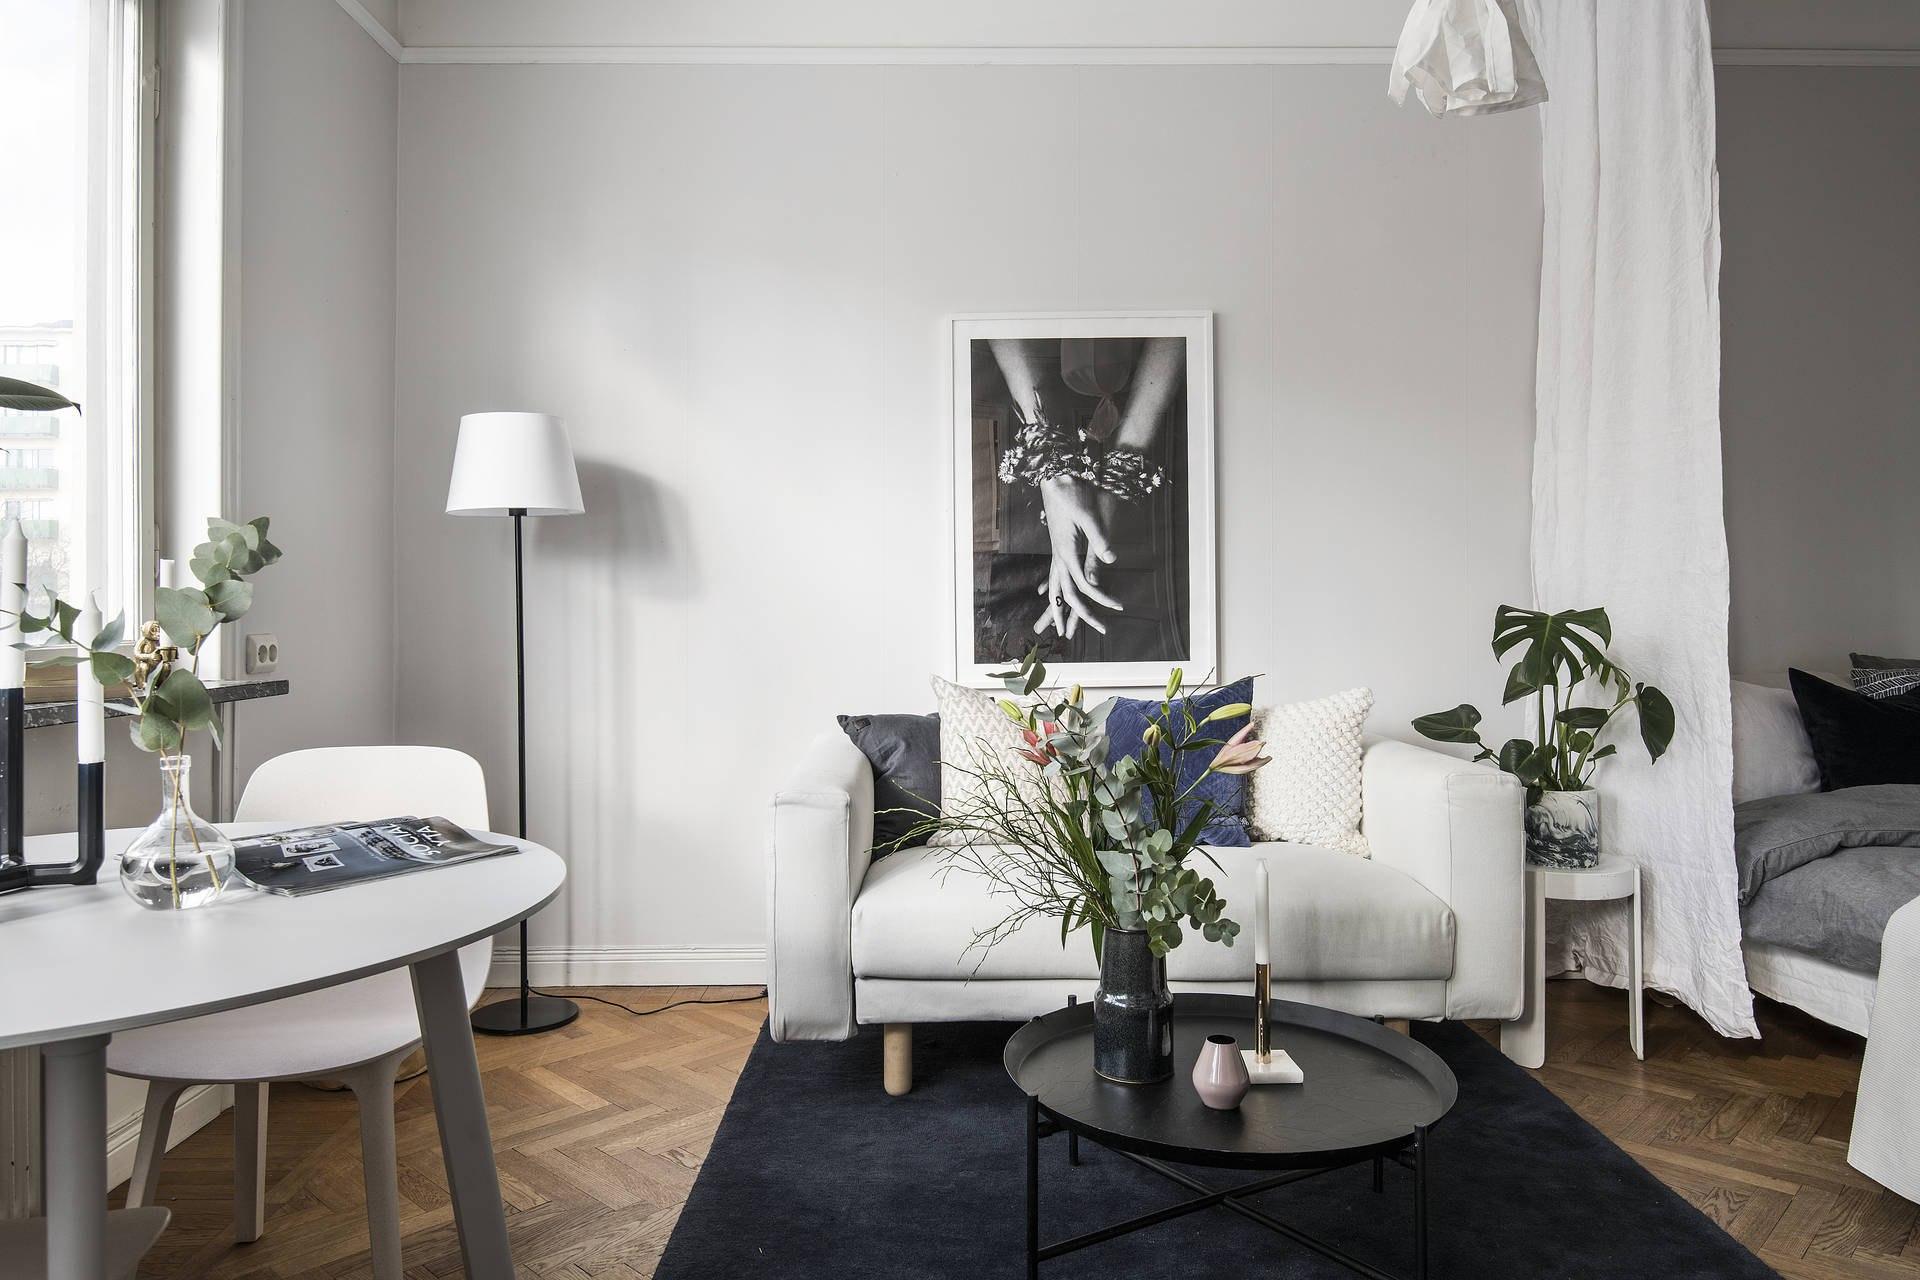 Интерьер скандинавской квартиры 27 м с мини-кухней.